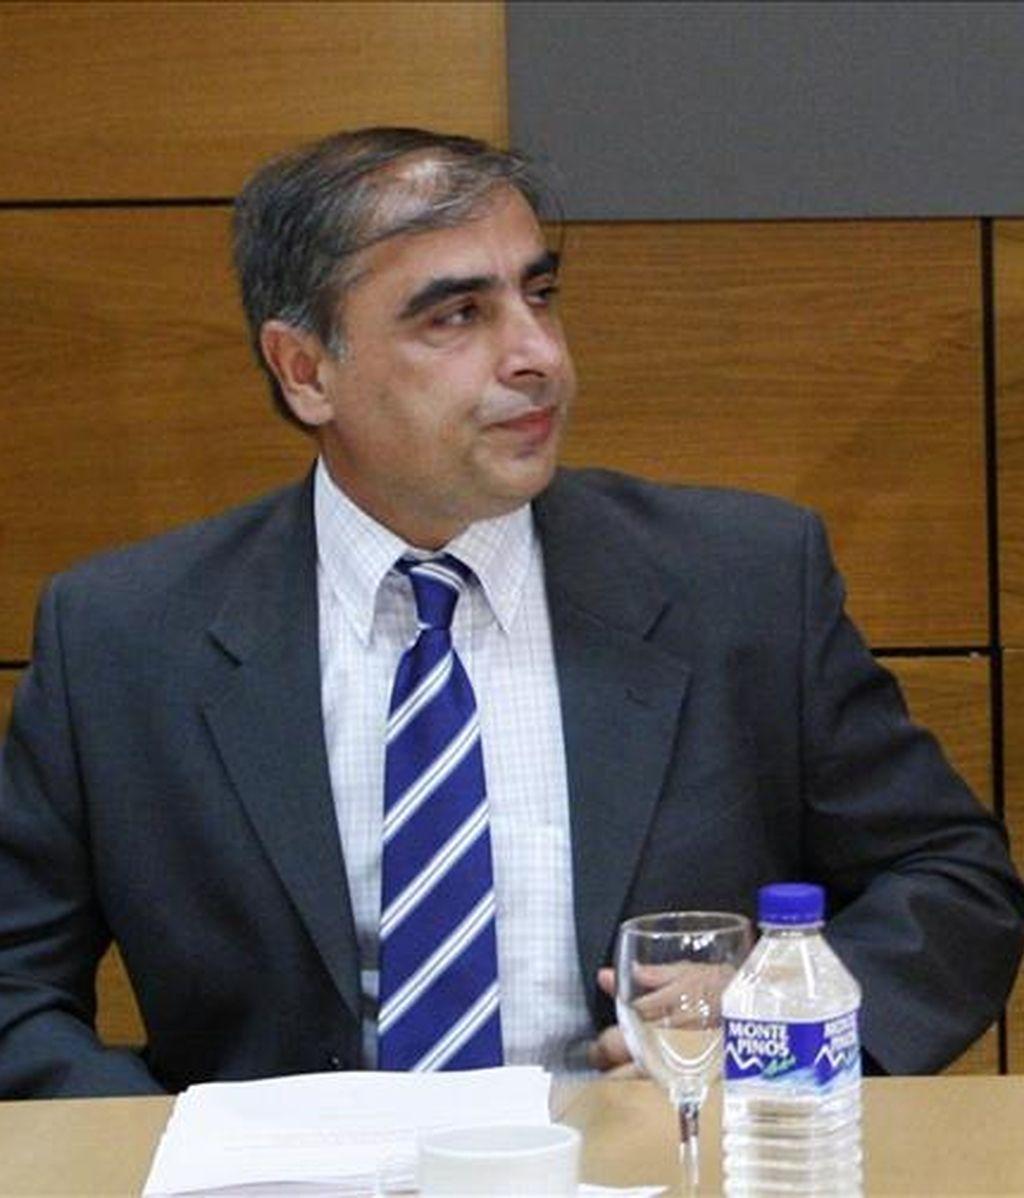 El secretario general del Ministerio de Sanidad, José Martínez Olmos. EFE/Archivo